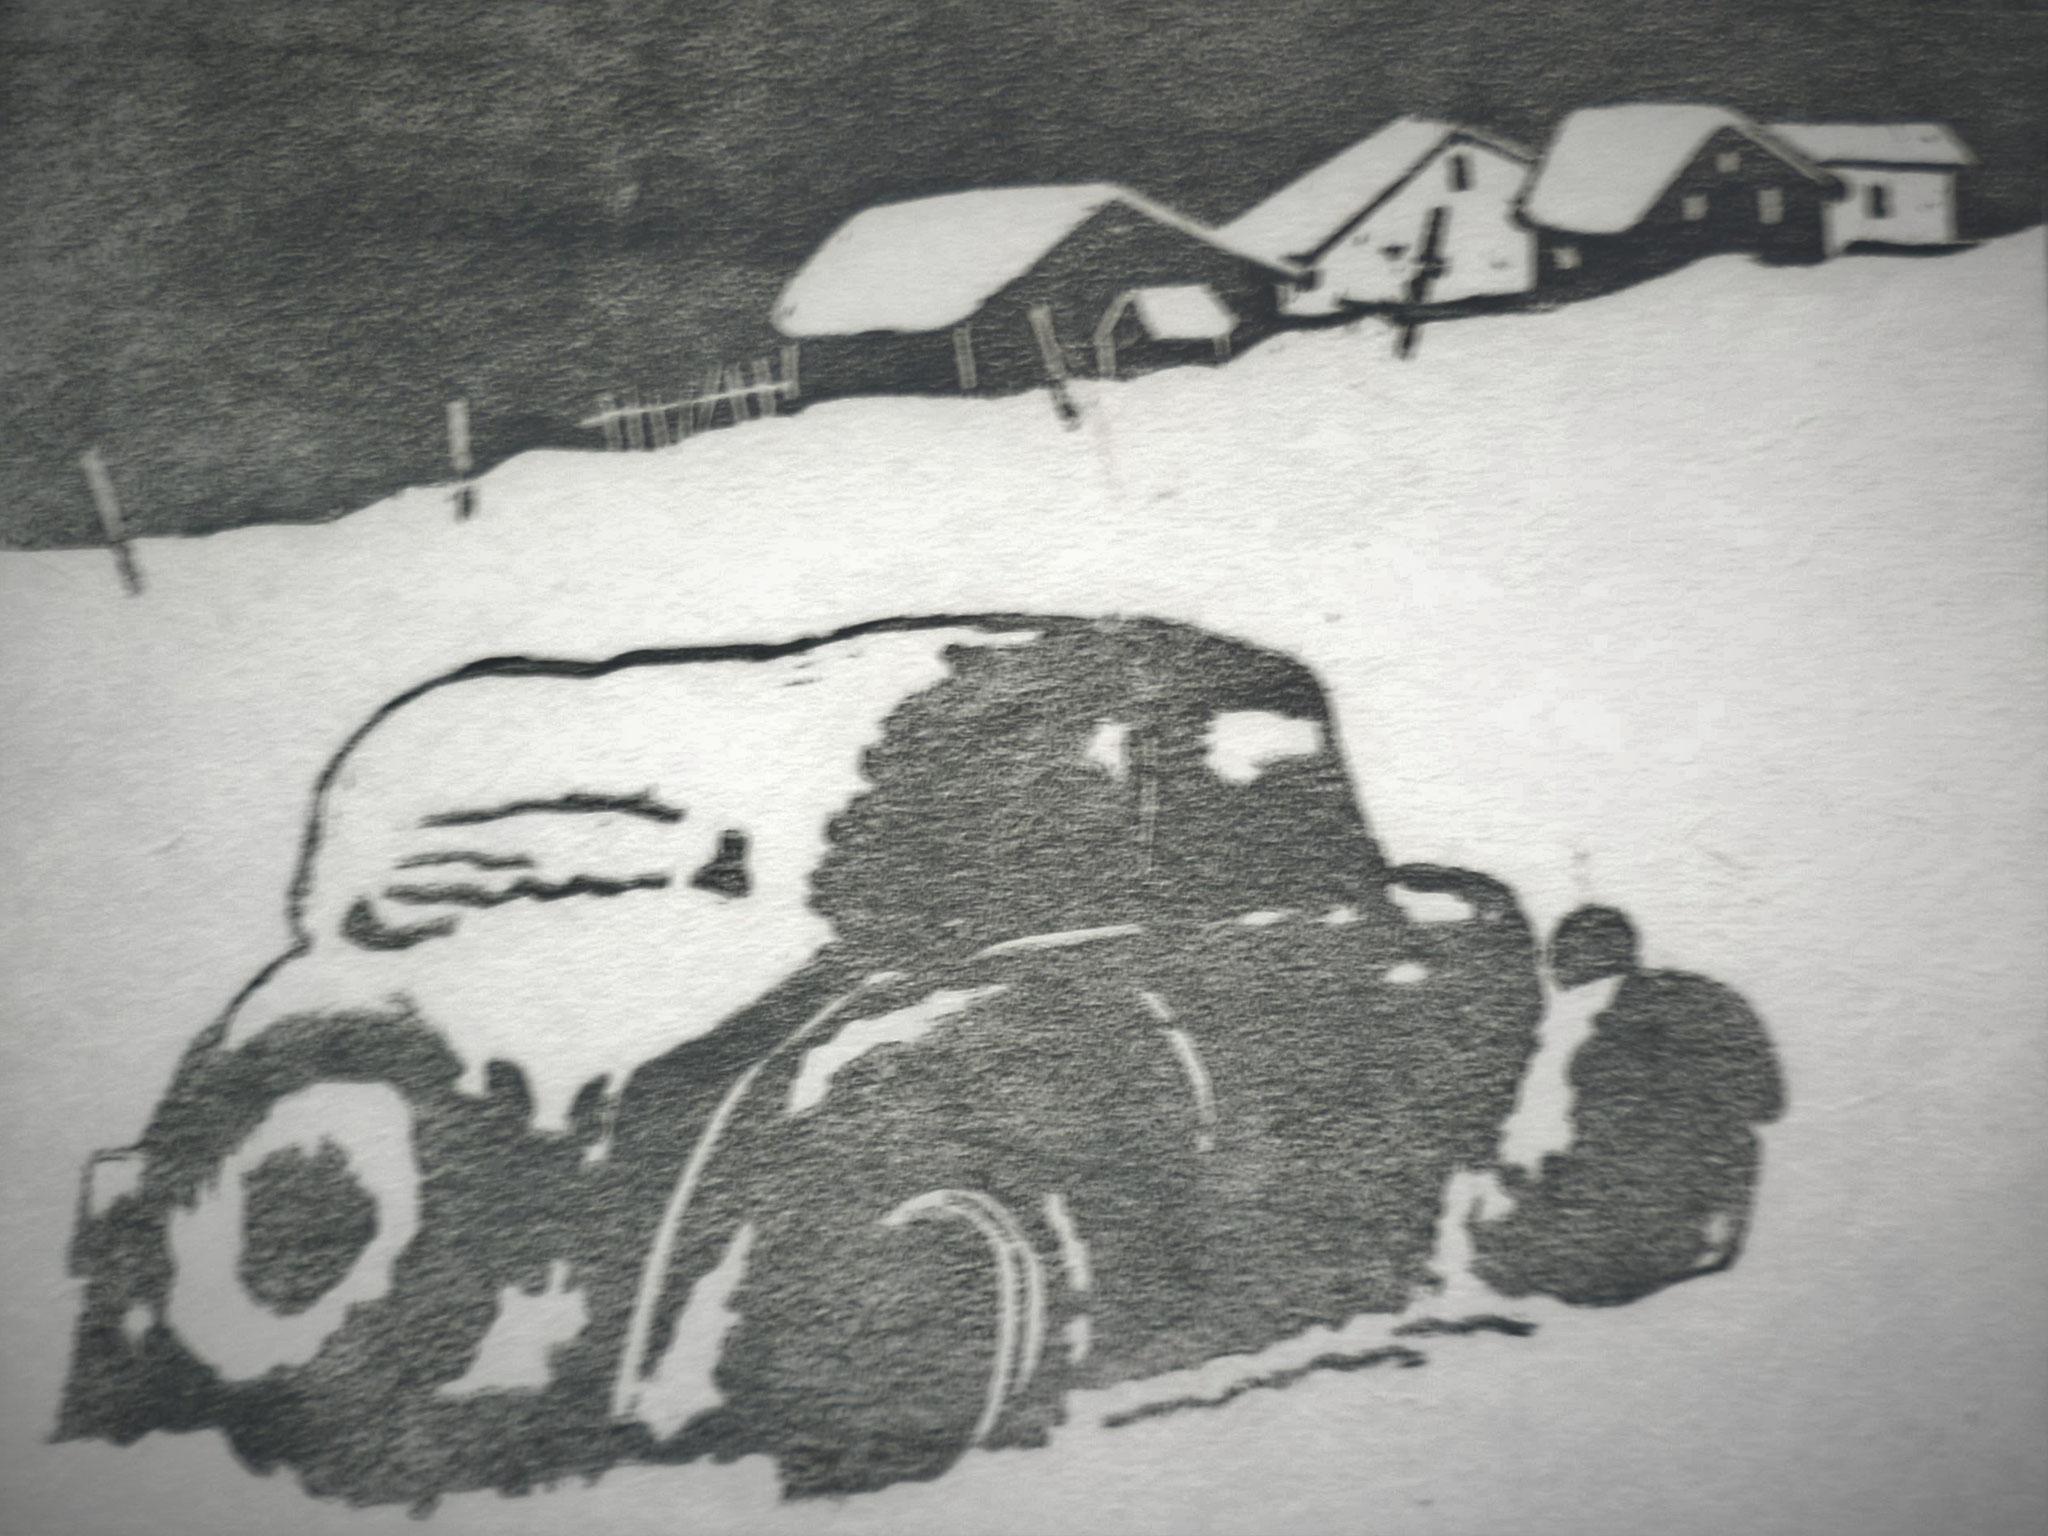 eingeschneit II, Holzschnitt, 40 x 50 cm